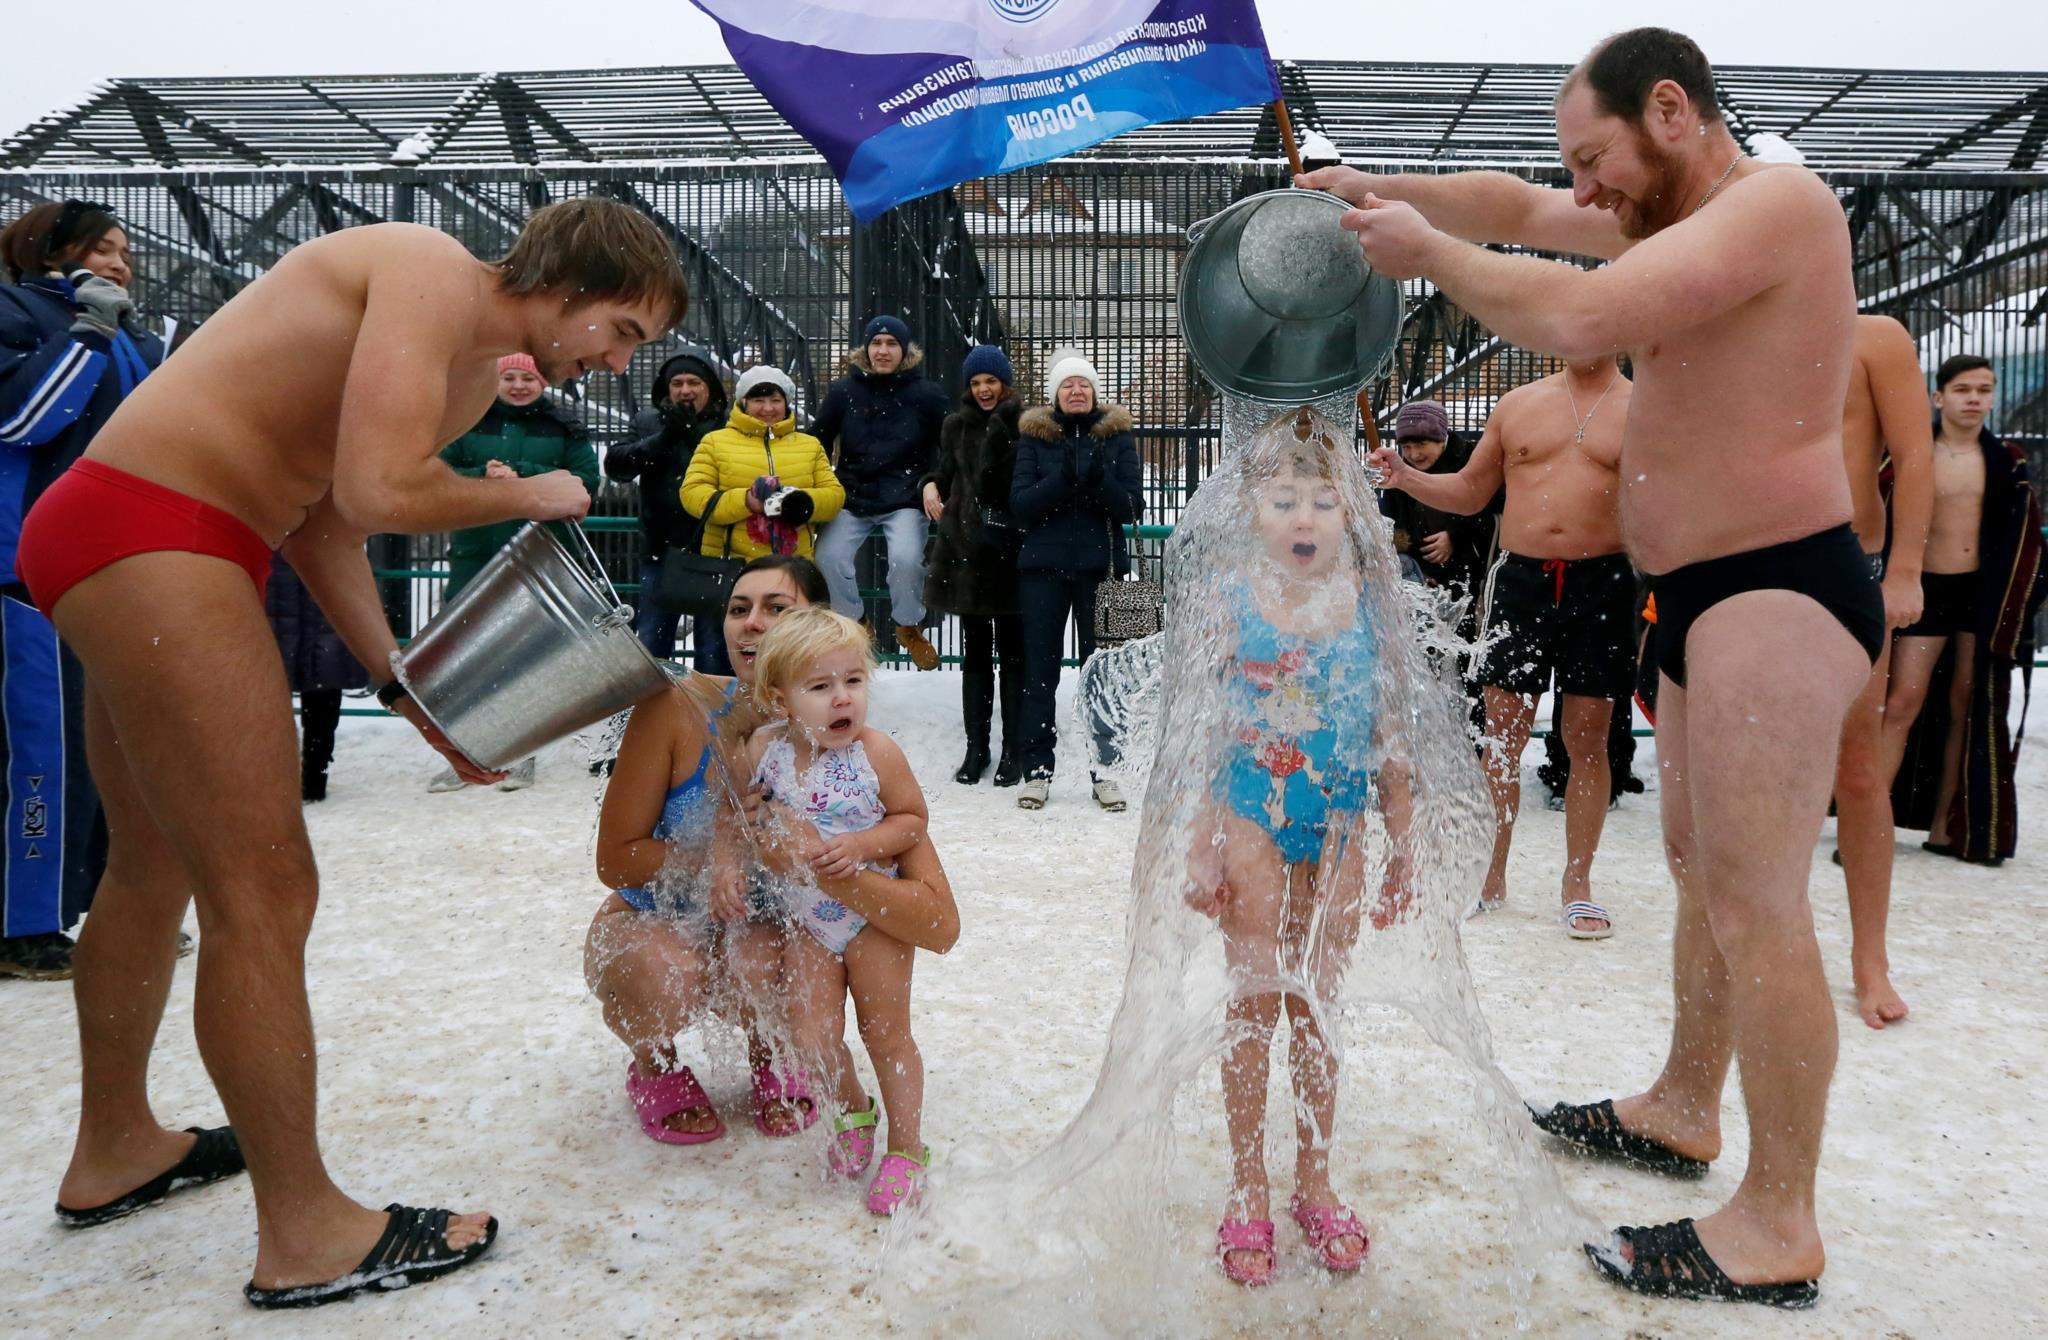 Membros do grupo Nadadores de Inverno despejam baldes de água gelada nas suas filhas de 2 e 7 anos, na cerimónia do dia do Urso Polar em Krasnoyarsk, Rússia, com a temperatura ambiente inferior a 5º C